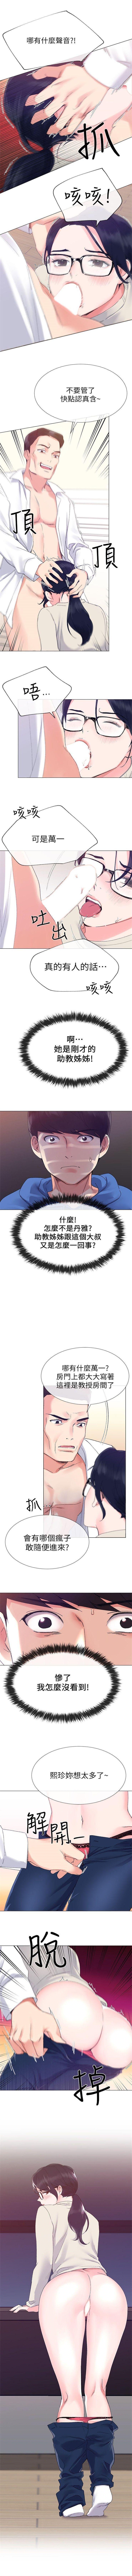 (週5)重考生 1-52 中文翻譯(更新中) 52